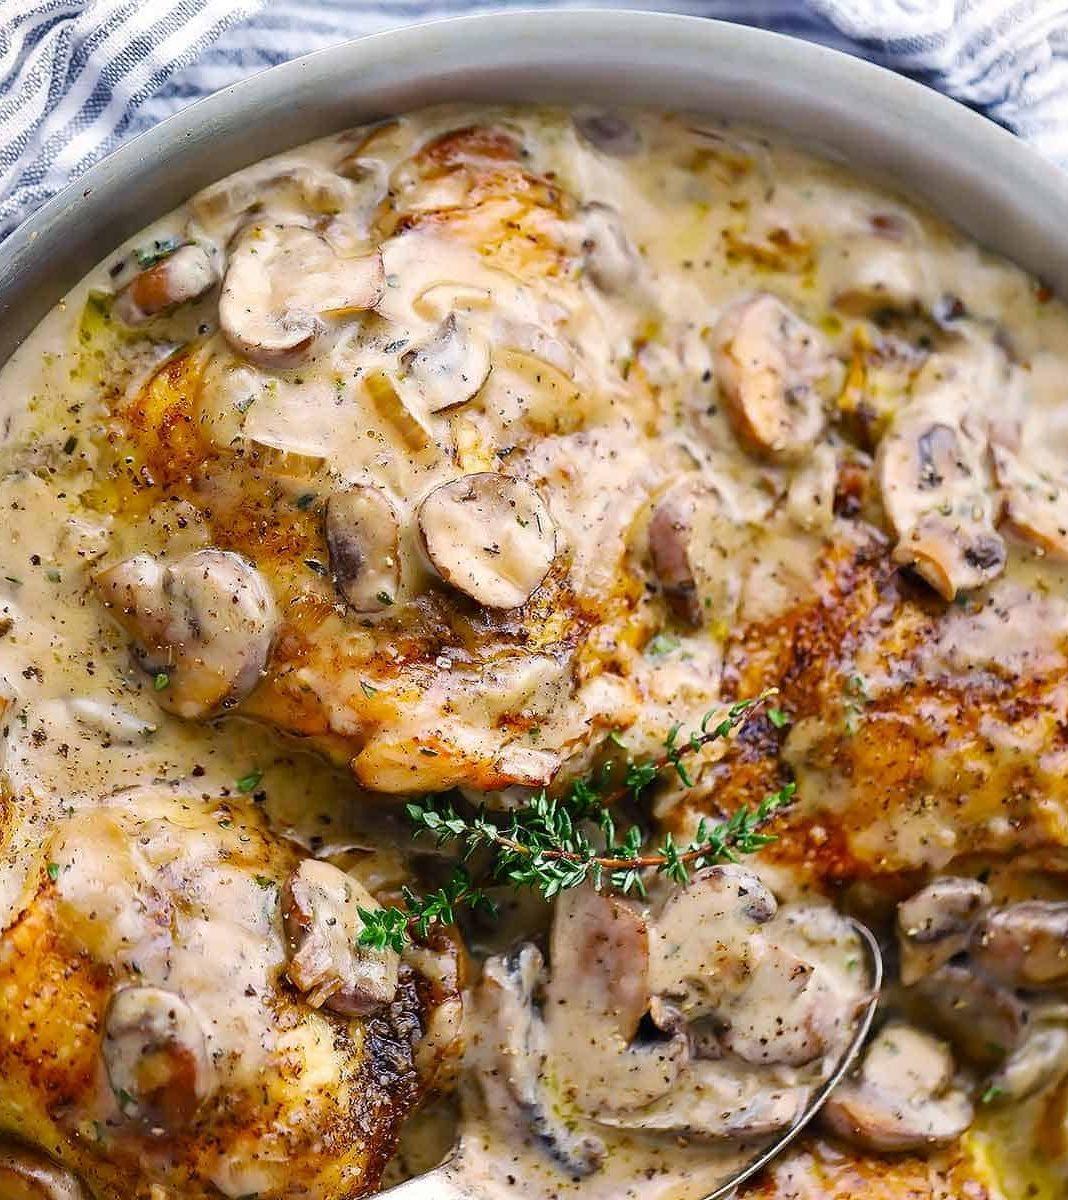 Κοττόπουλο με σάλτσα μανιτάρια